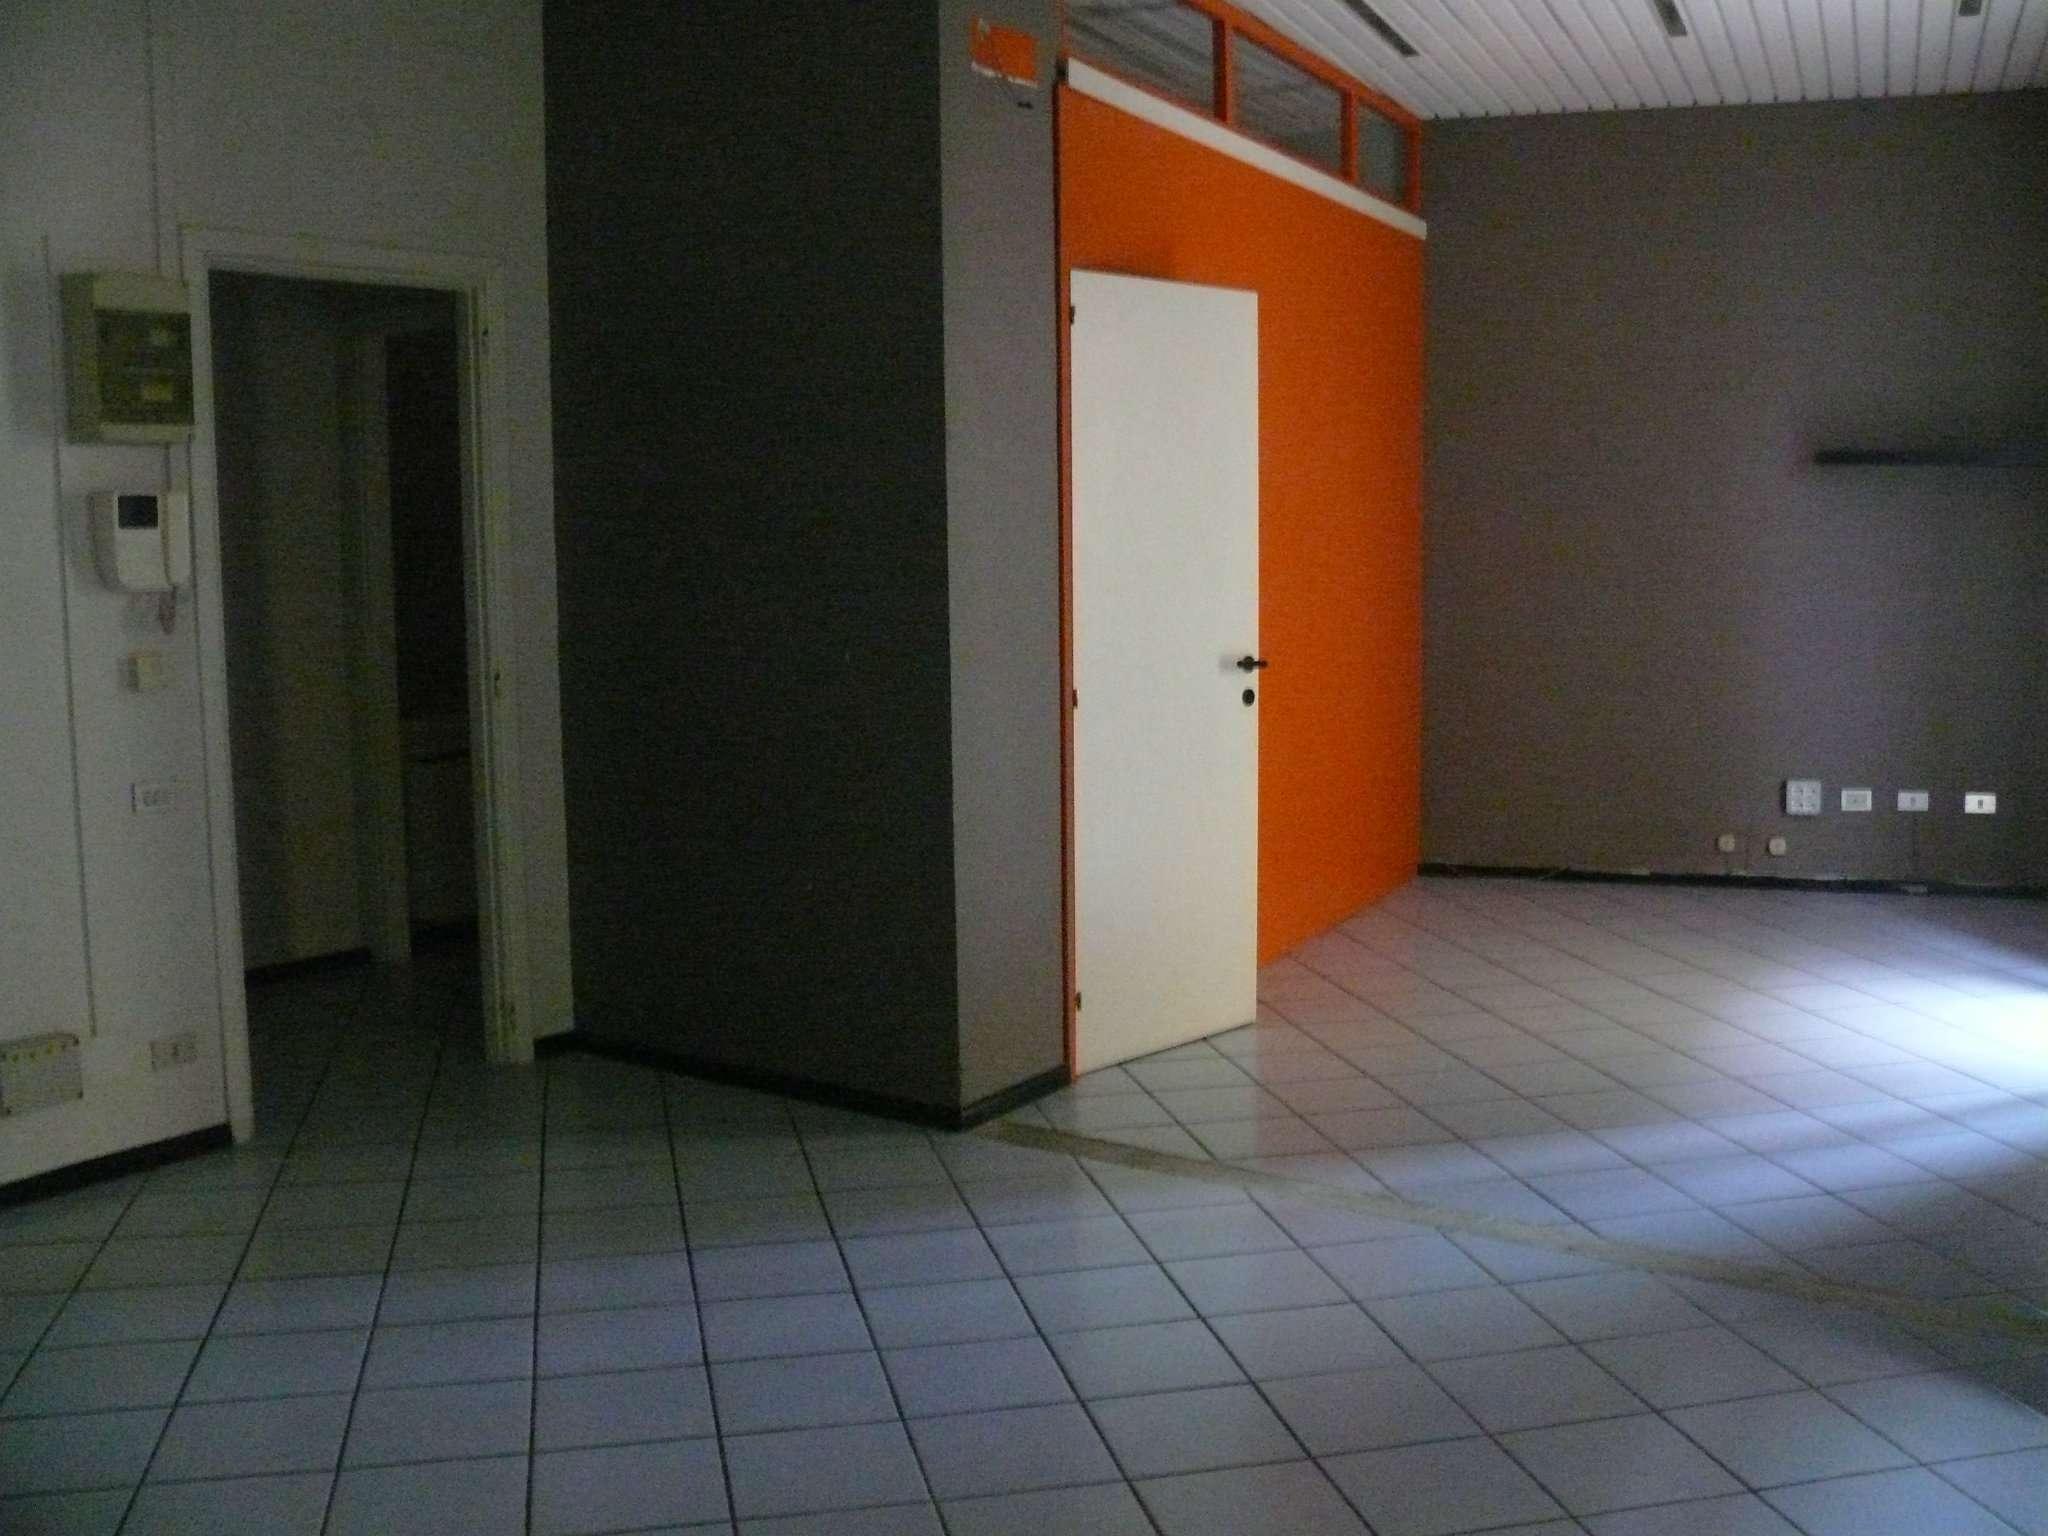 Ufficio / Studio in affitto a Mondovì, 10 locali, Trattative riservate | CambioCasa.it